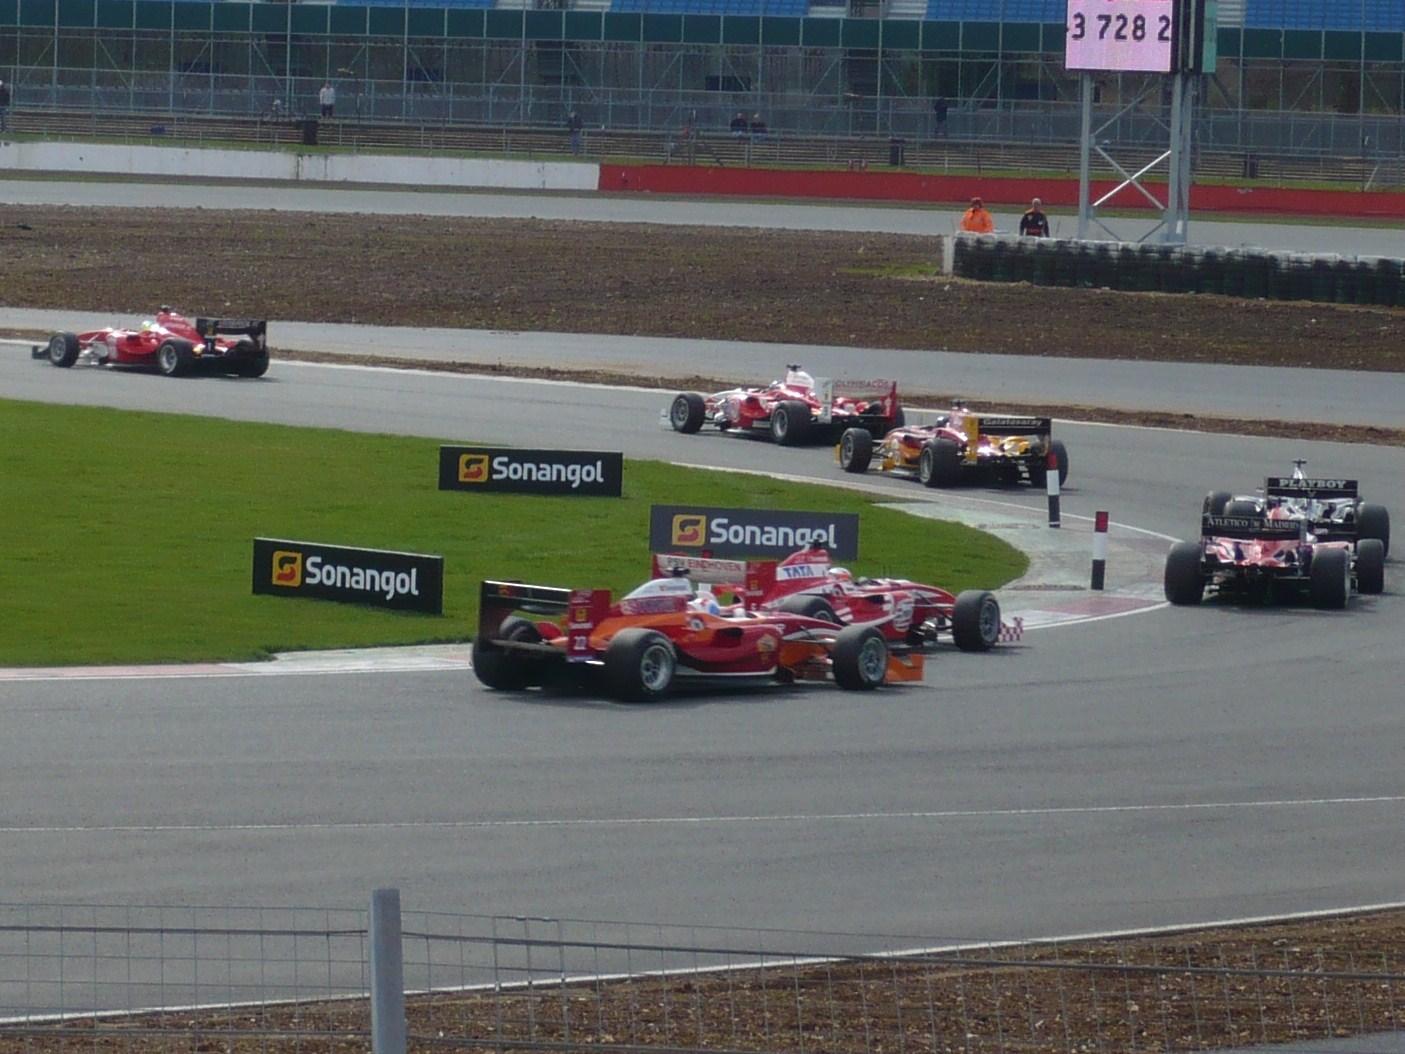 Beberapa mobil yang berlaga di Superleague Formula. Sumber gambar: wikimedia.org